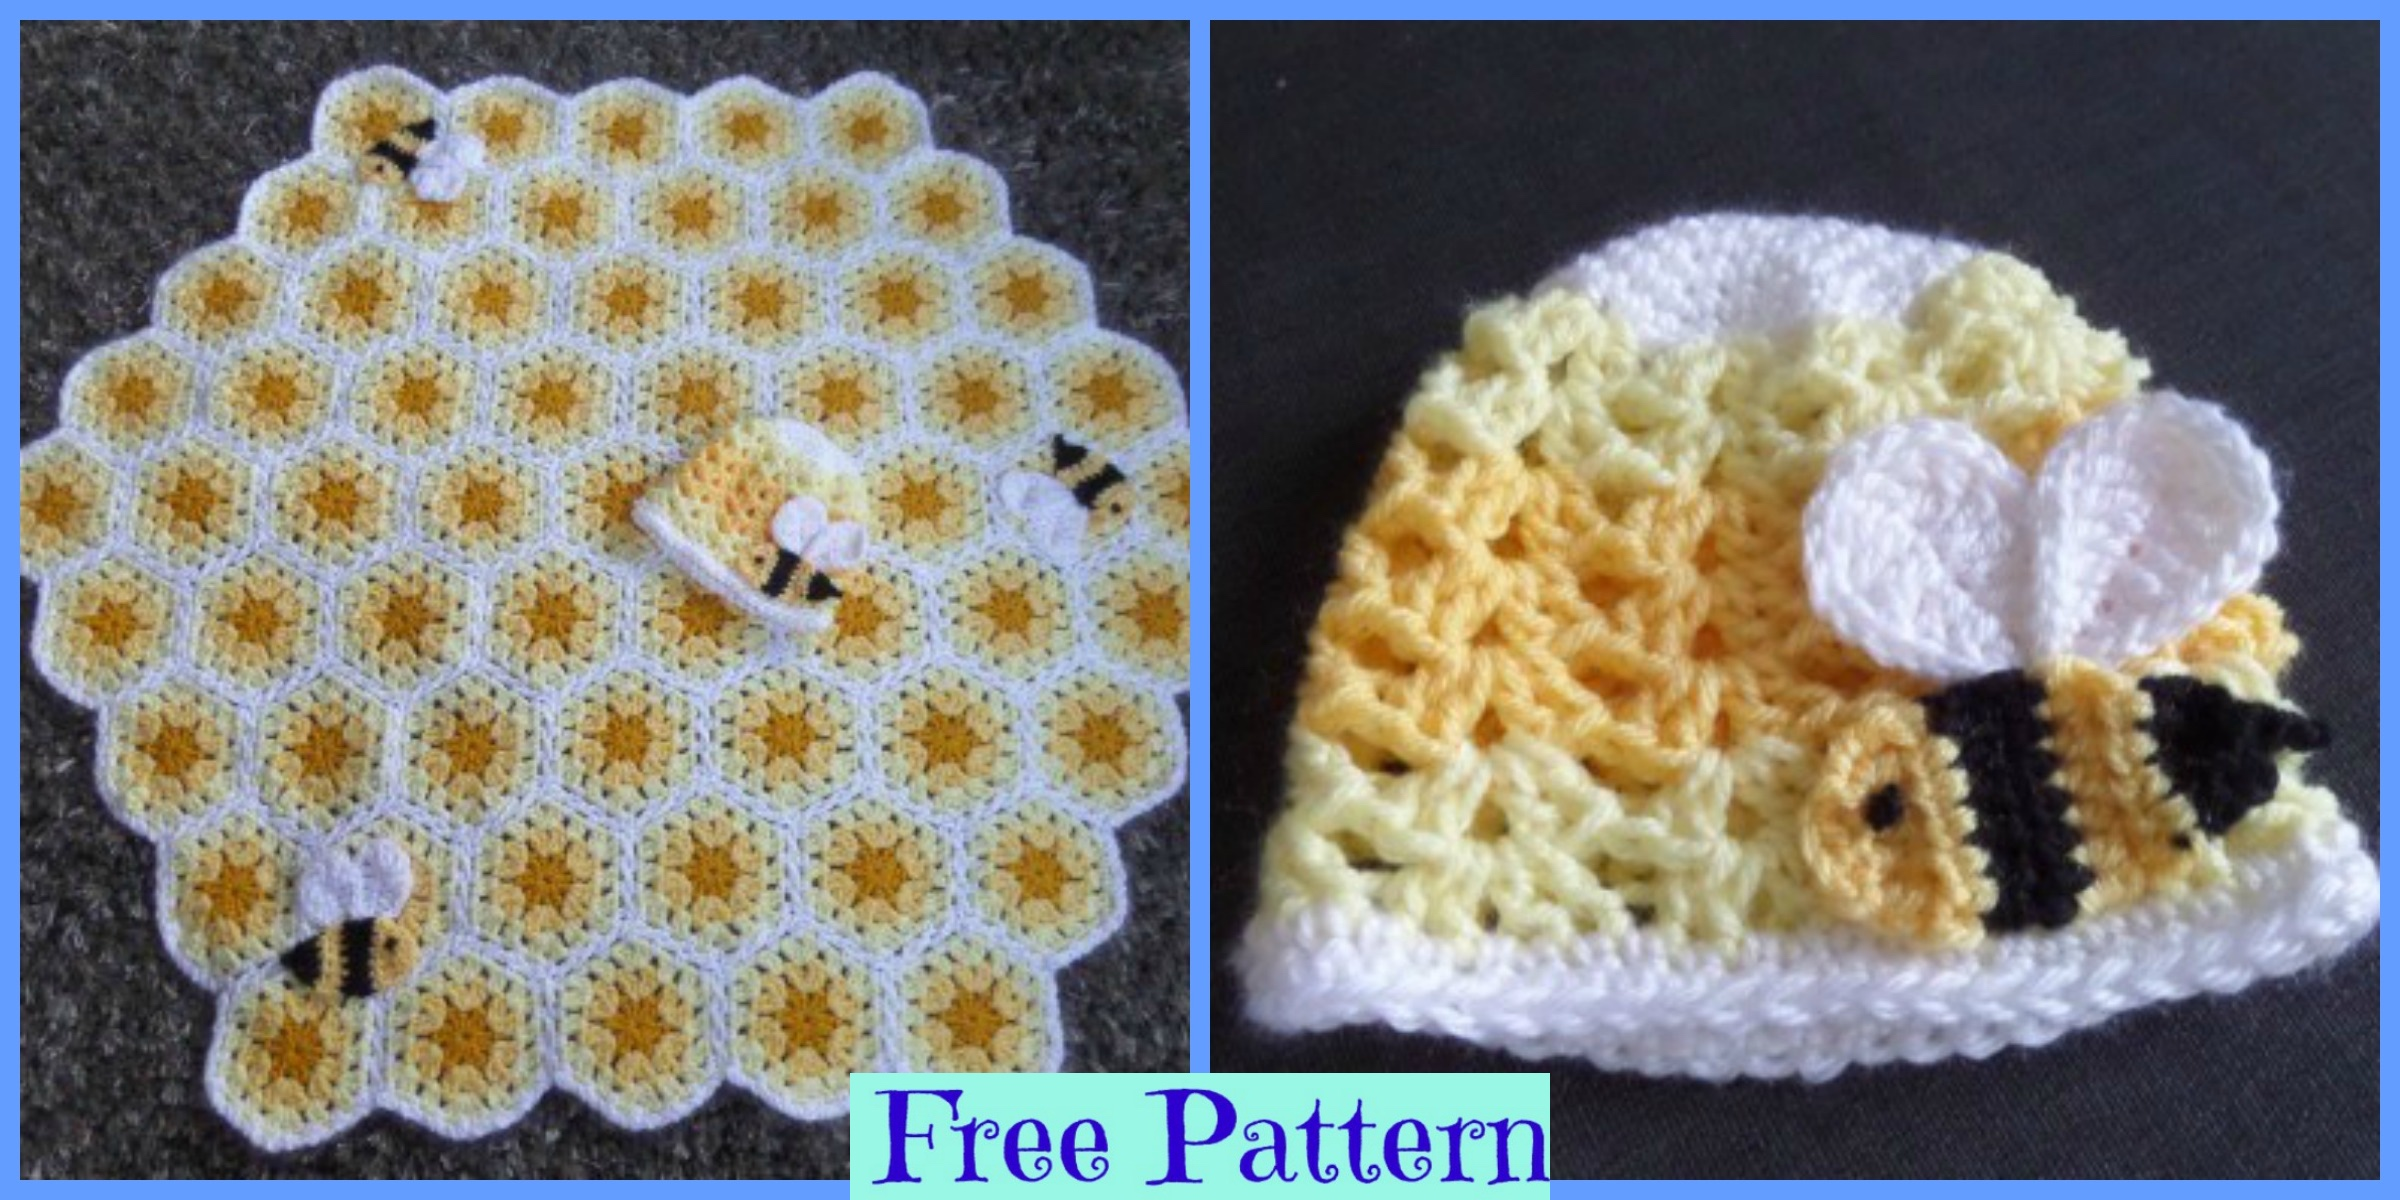 Crochet Buzzy Bee Baby Blanket – Free Pattern